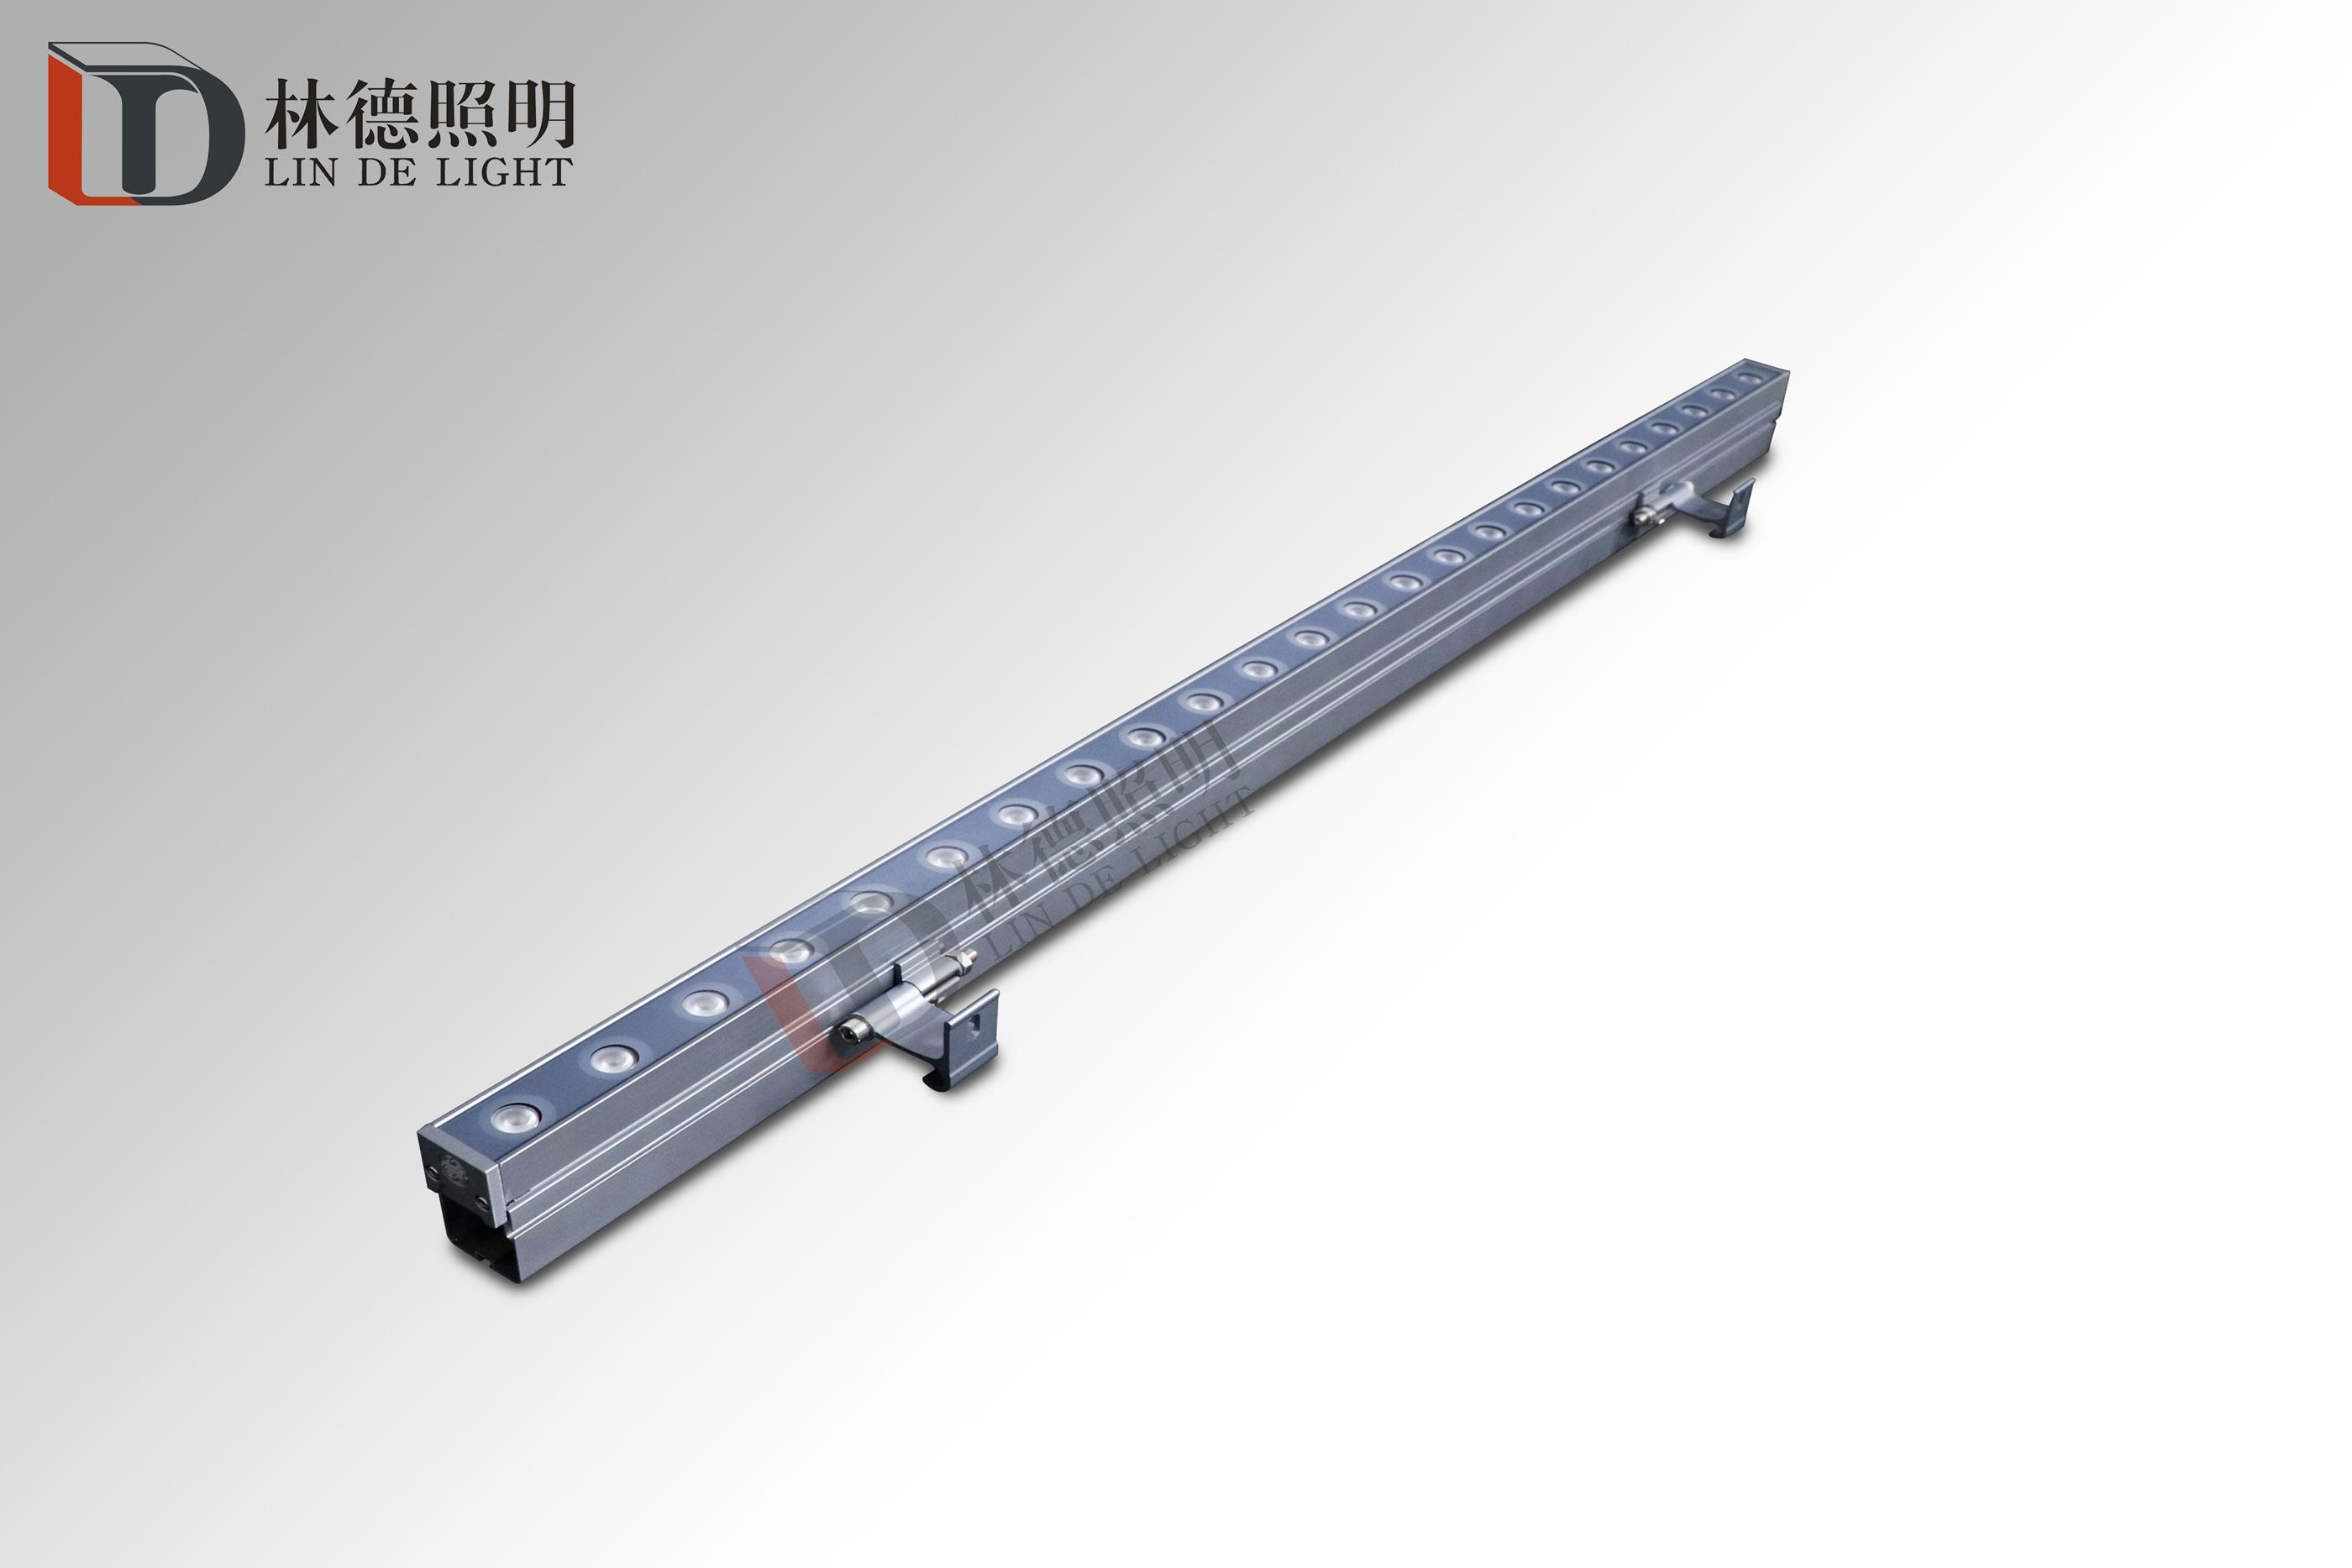 中国风18-24W线性洗墙灯线槽款